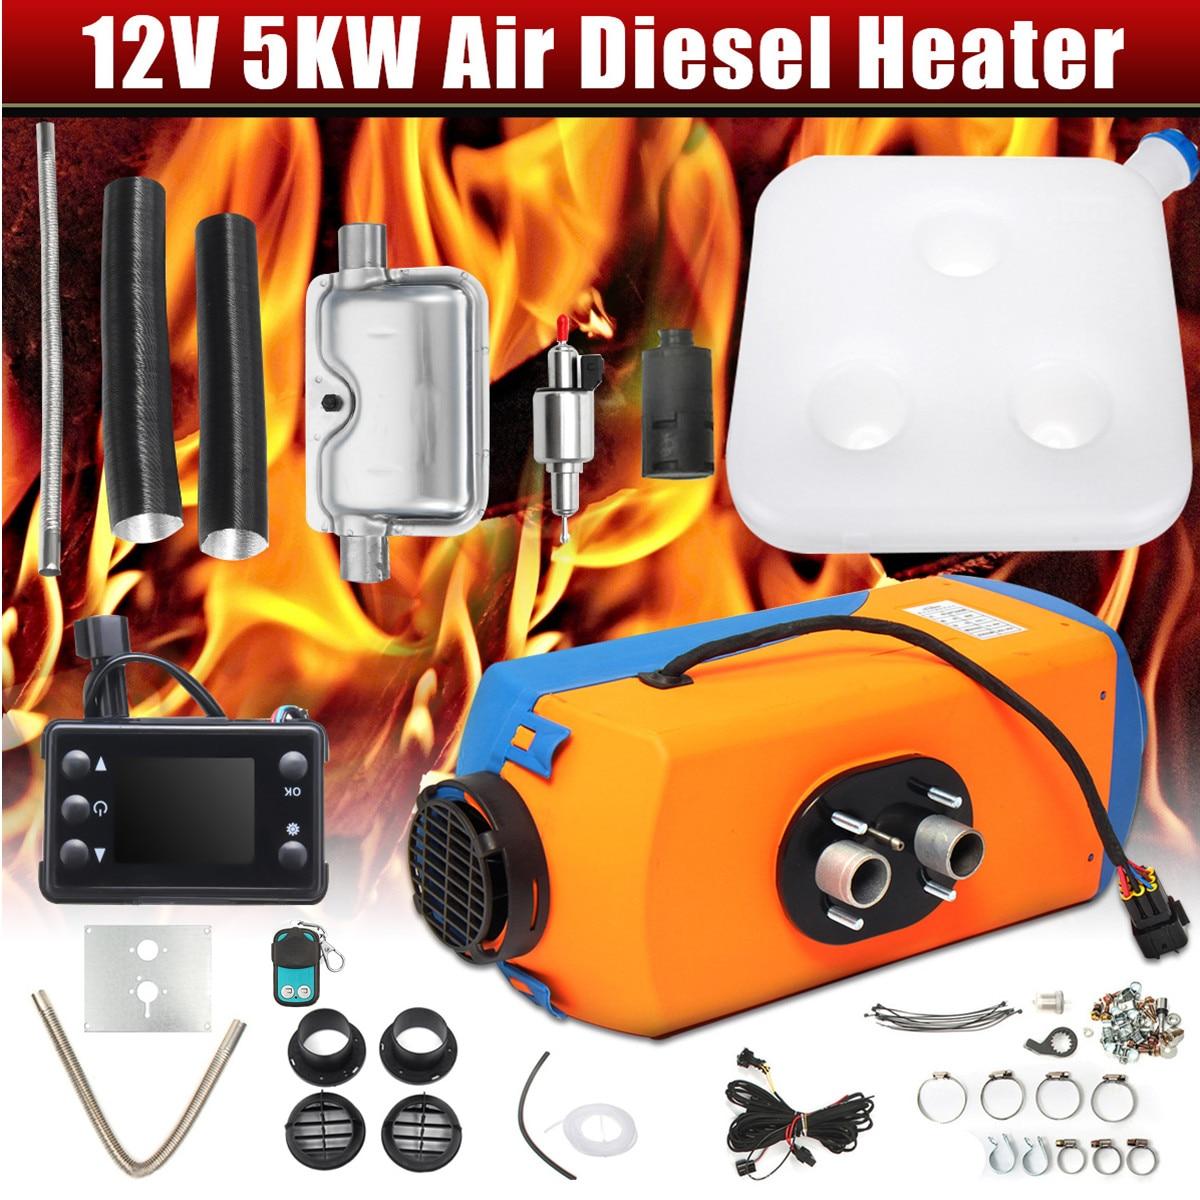 KROAK 5KW radiateur de voiture 12 V écran lcd Diesels Chauffe-chauffage de stationnement + Silencieux pour Caravane Camping-Car Camion Auto Chauffage